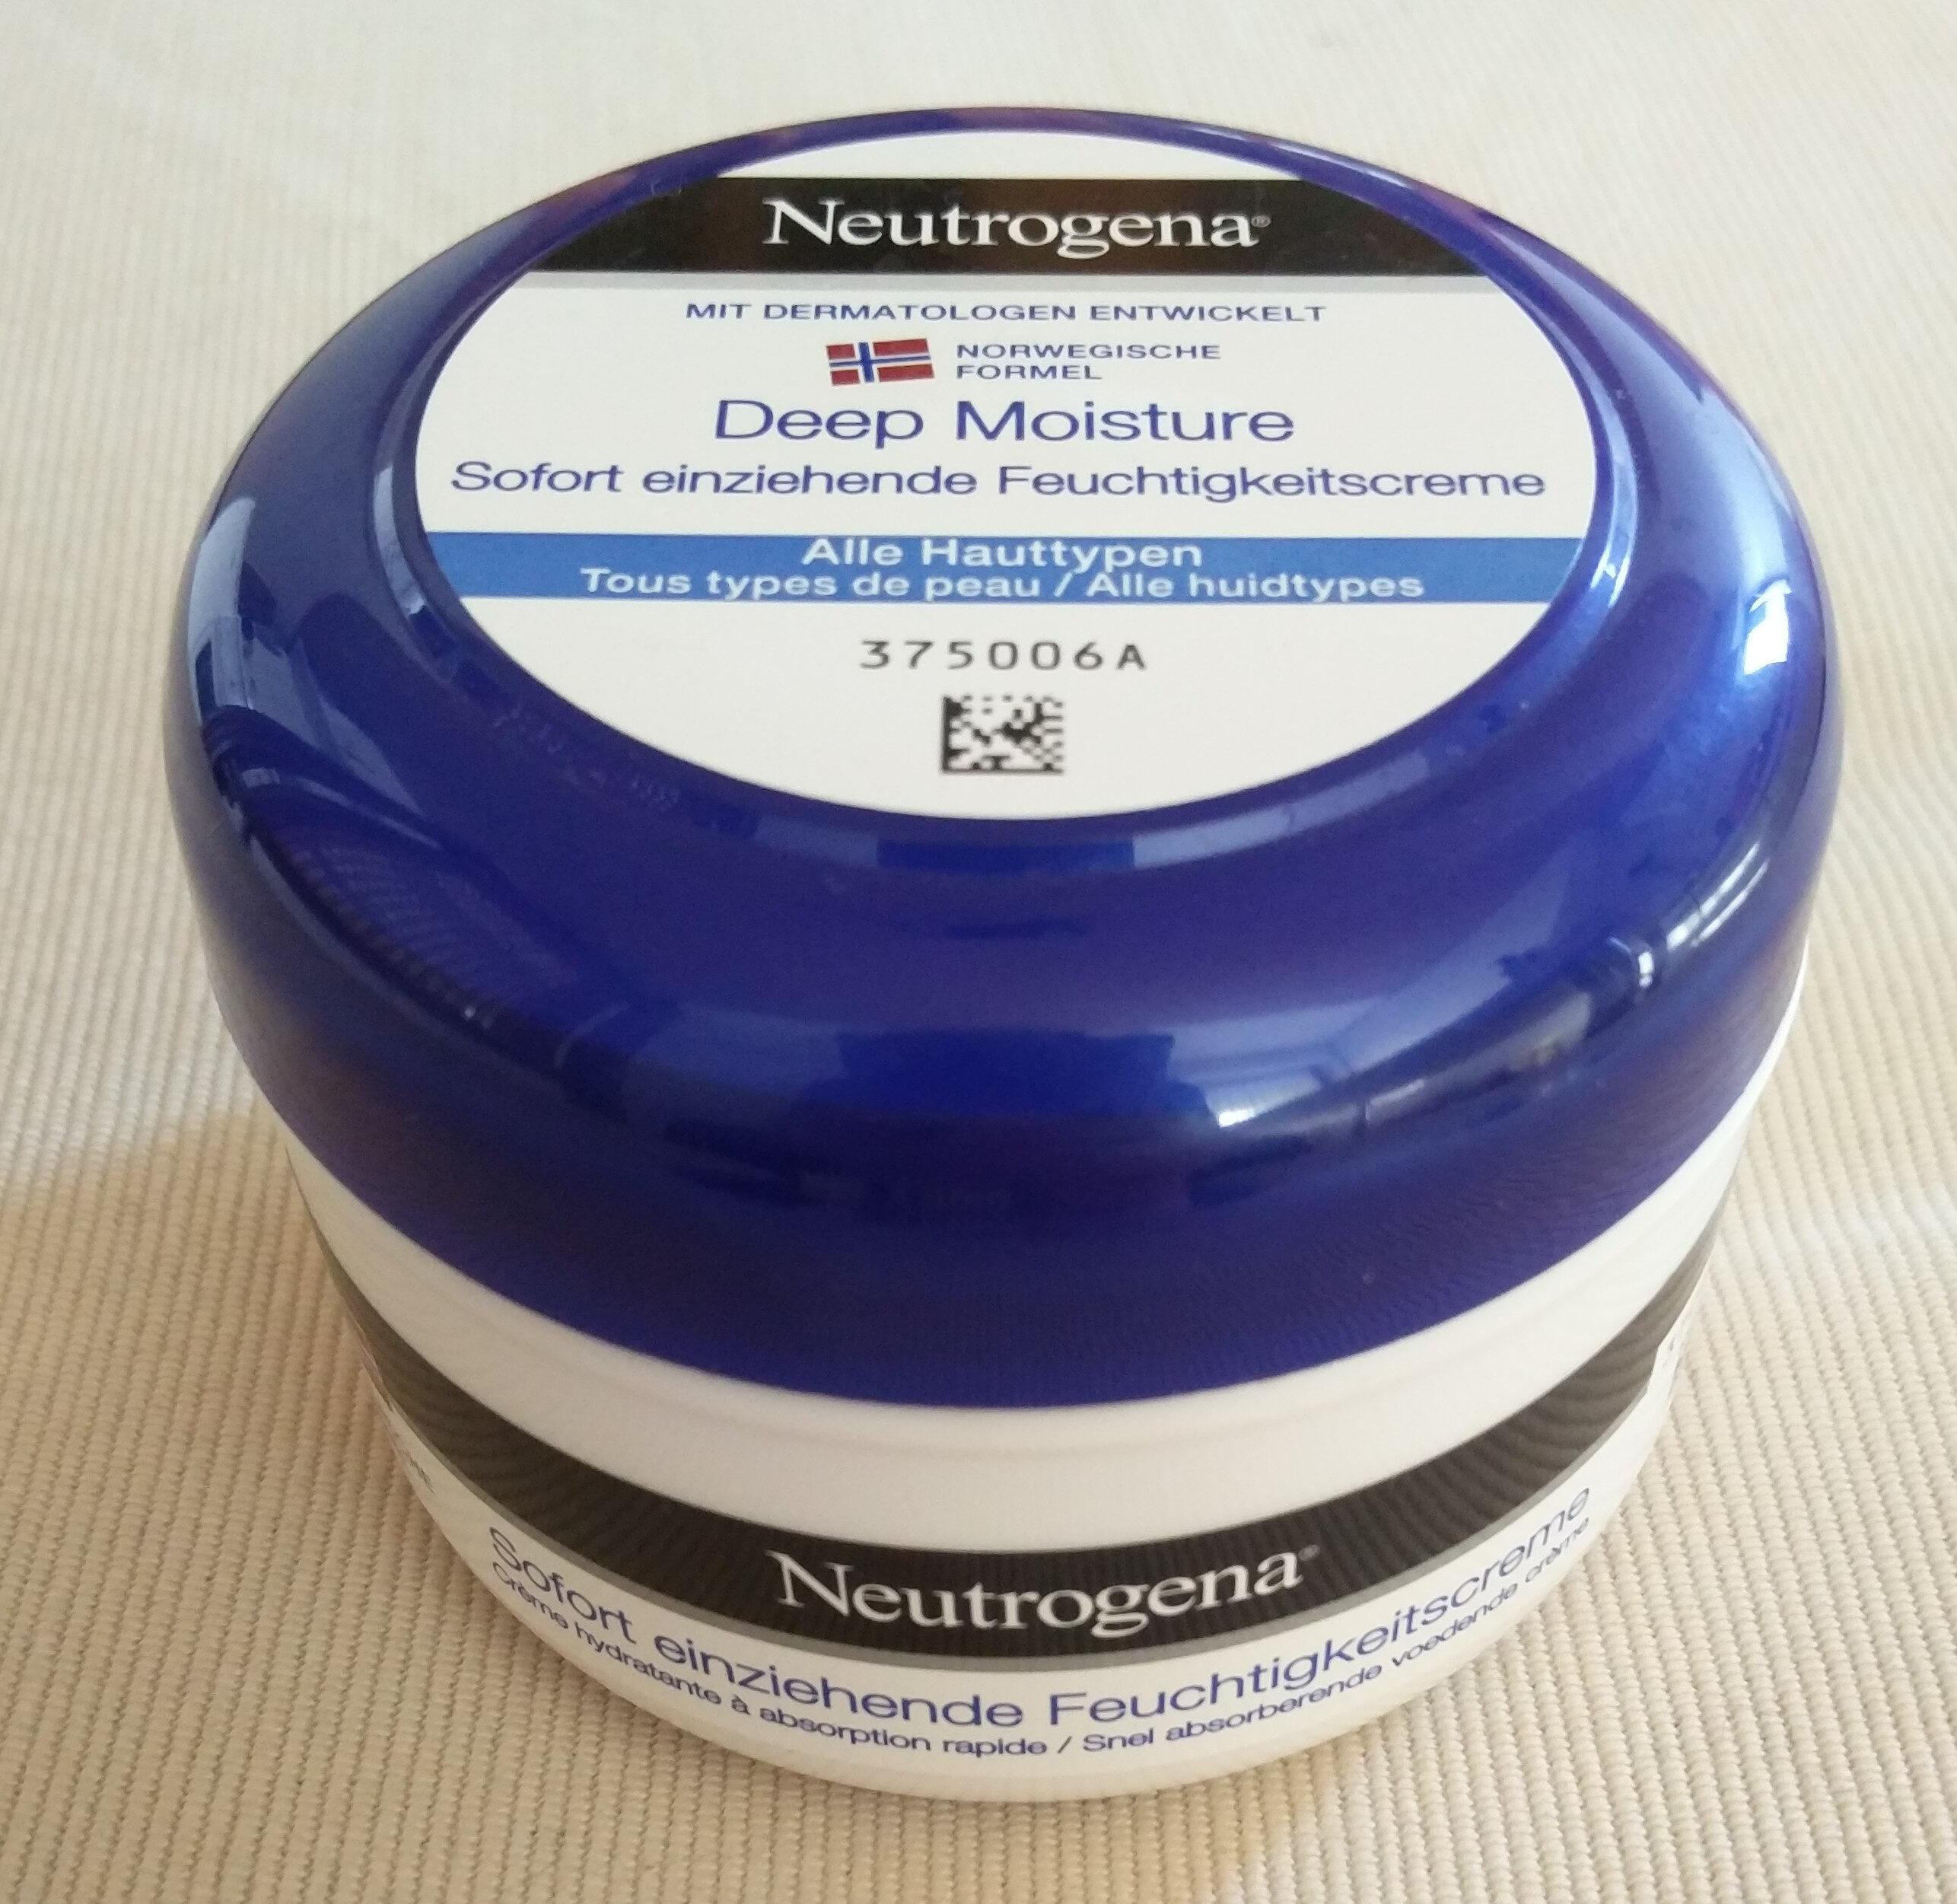 Deep Moisture - Sofort einziehende Feuchtigkeitscreme - Product - de